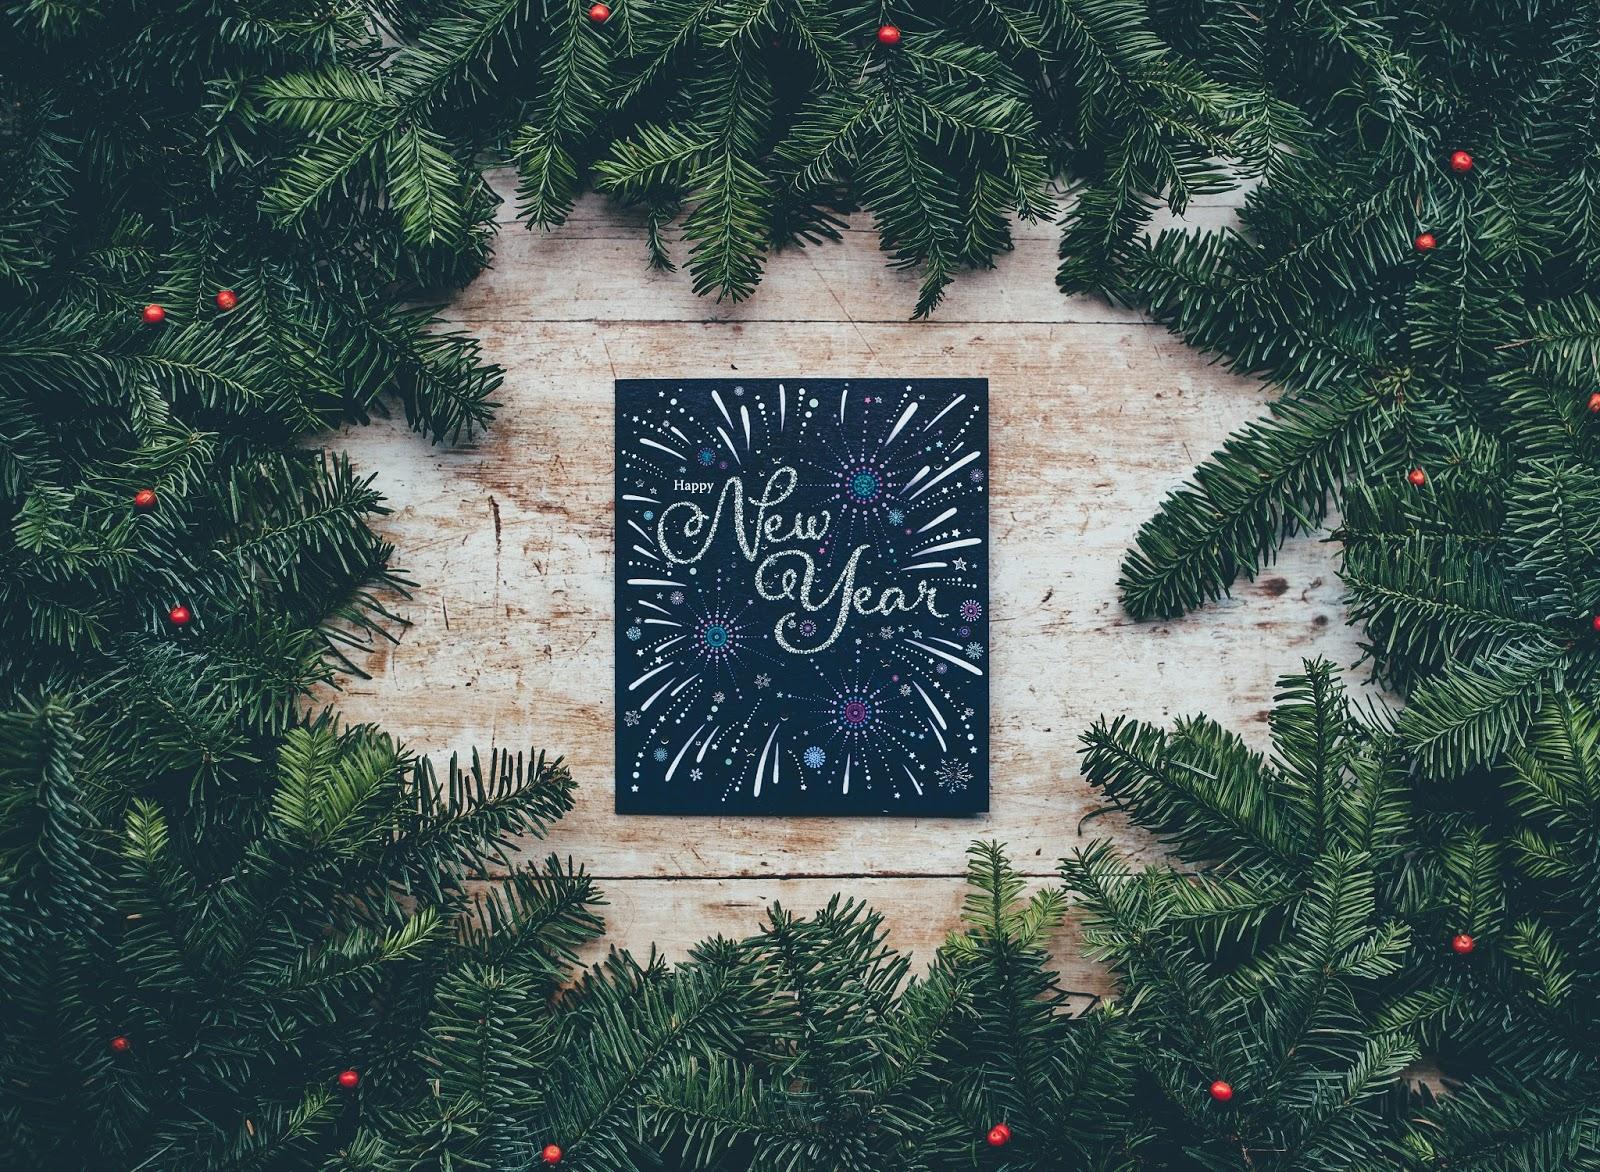 nowy rok, podsumowanie, 2017, podsumowanie roku 2017